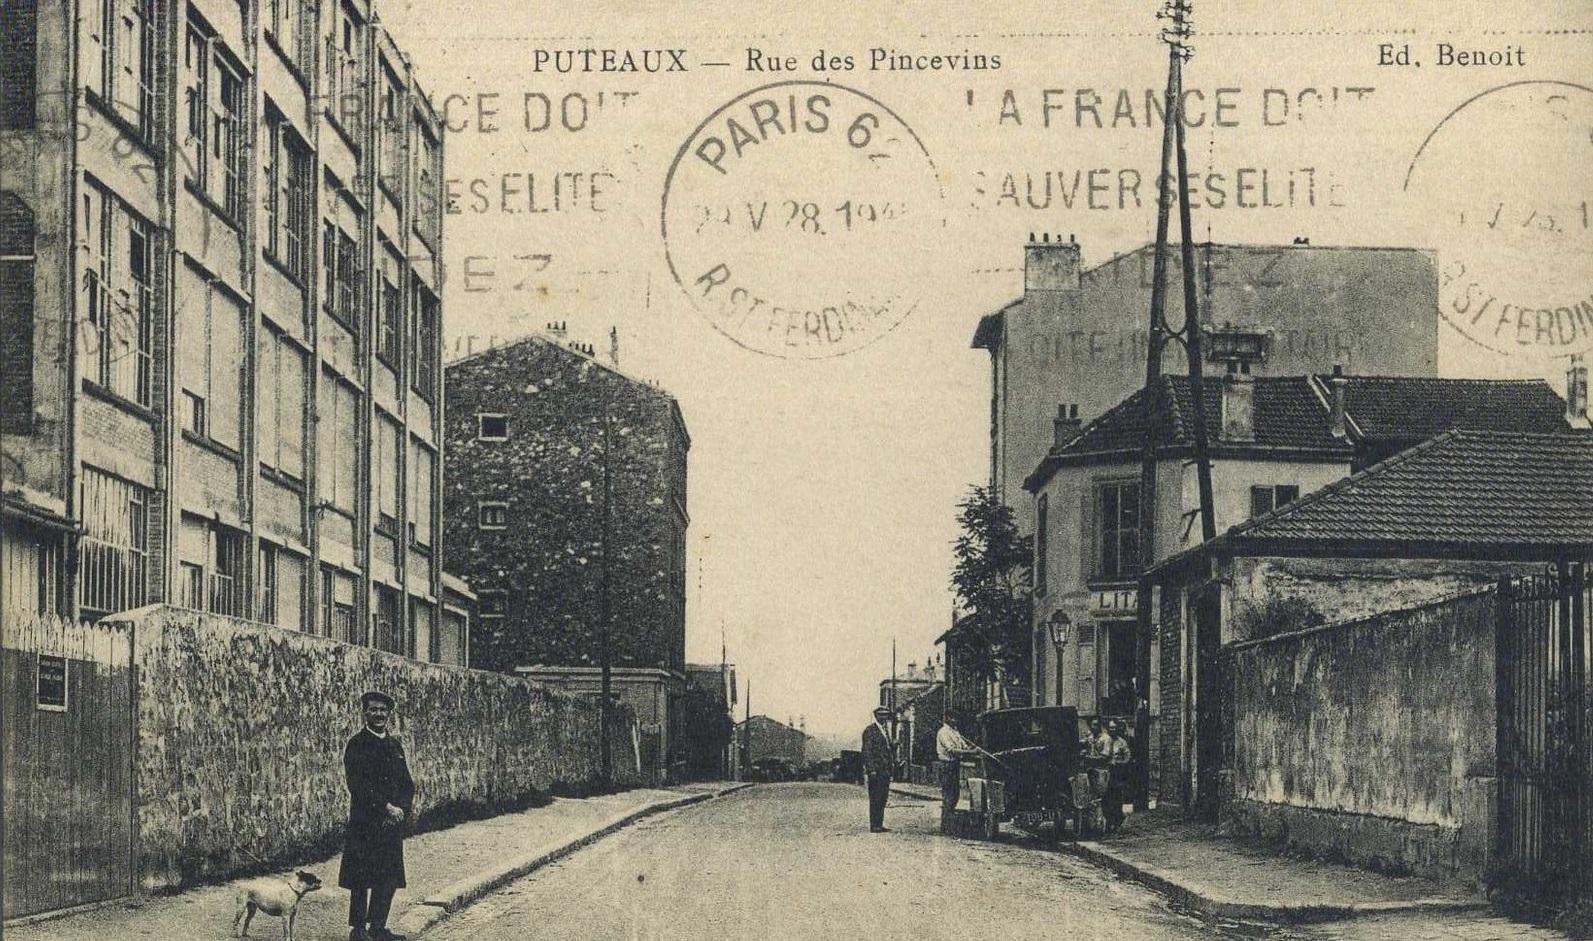 rue des Pincevins 1928